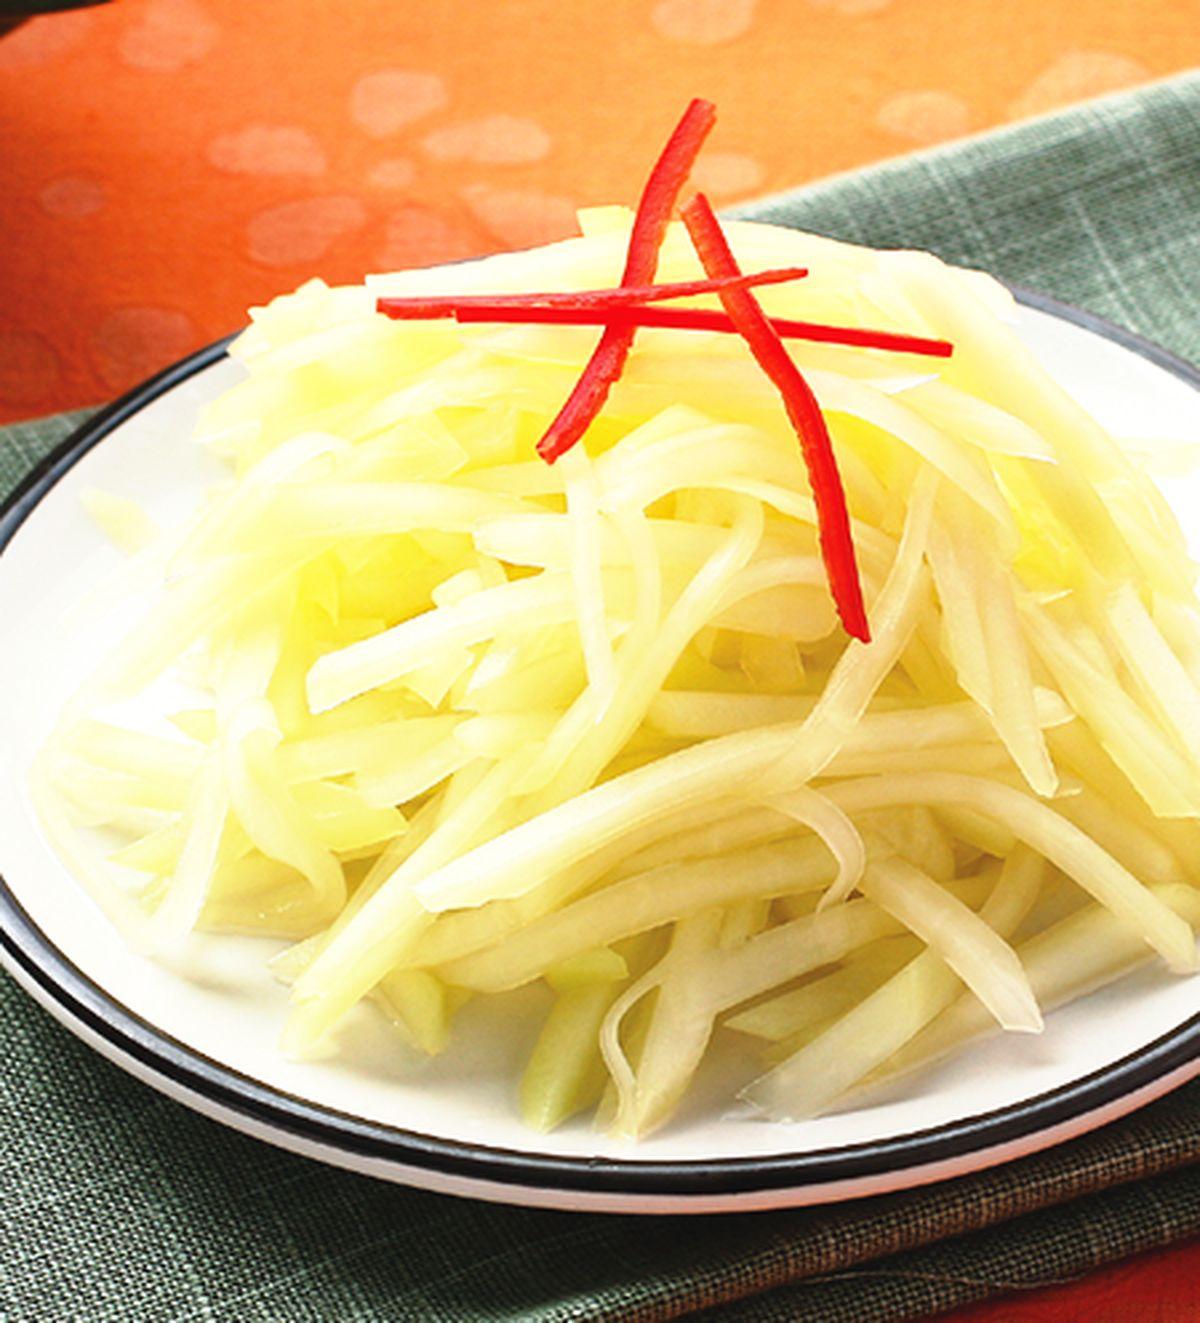 食譜:梅醋醃青木瓜